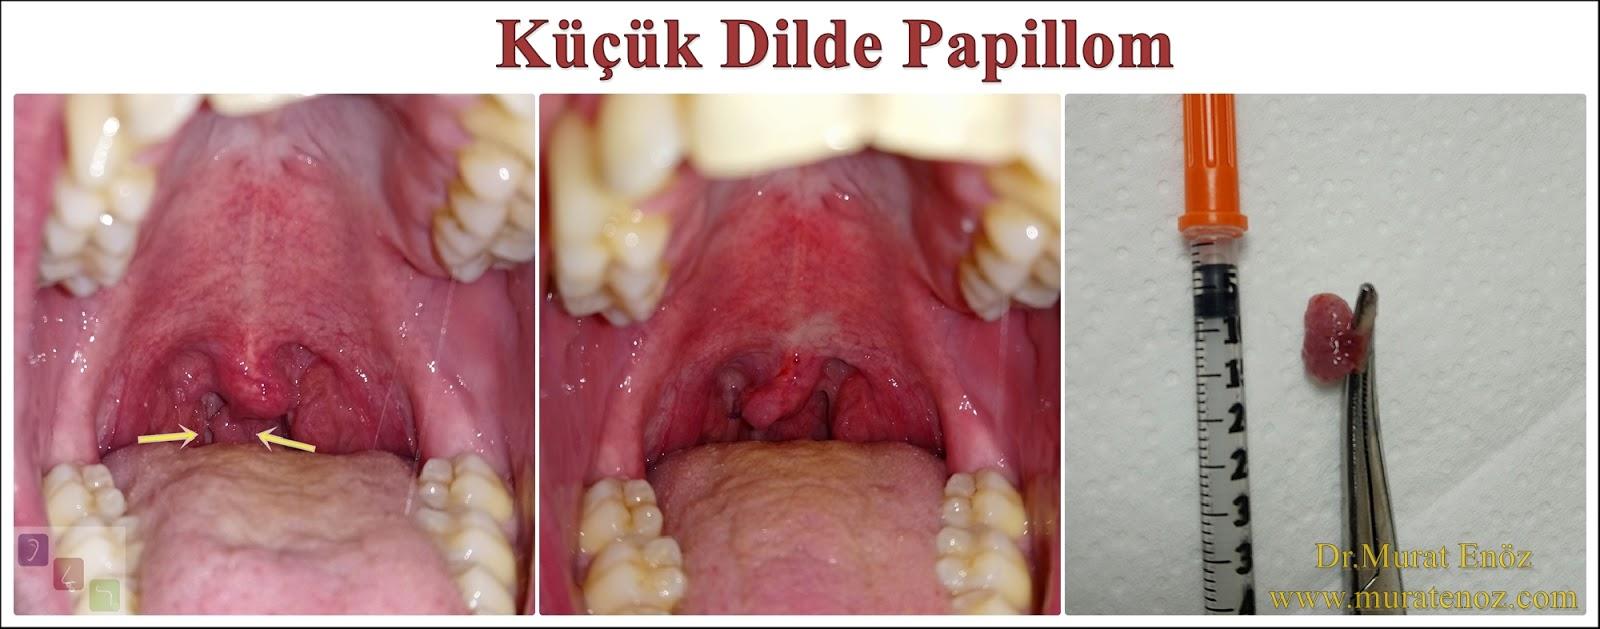 human papilloma virus hpv enfeksiyonu frottis homme papillomavirus